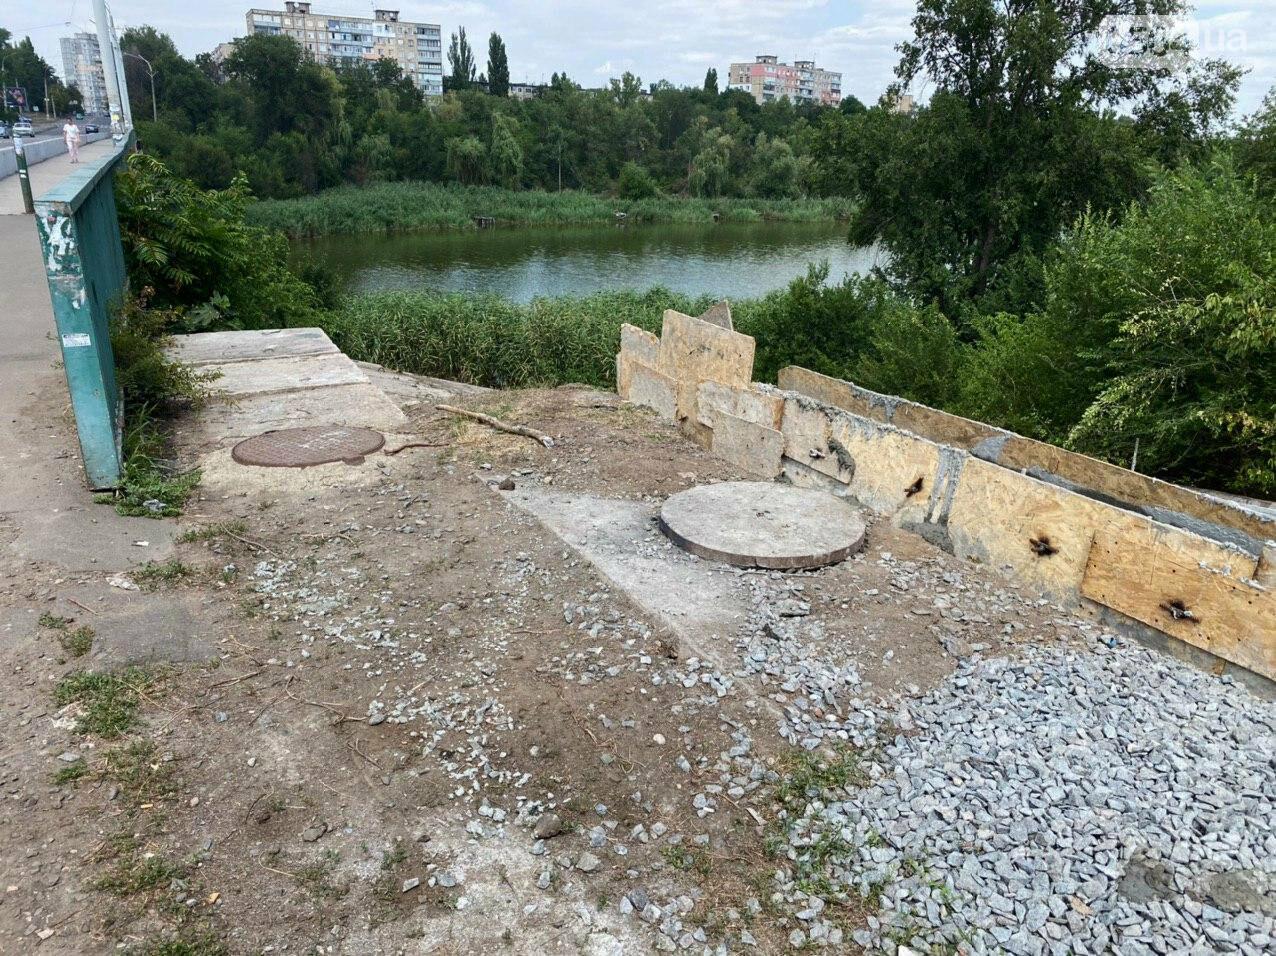 В Кривом Роге опять ремонтируют мост, где 5 лет назад произошло ЧП, - ФОТО , фото-3